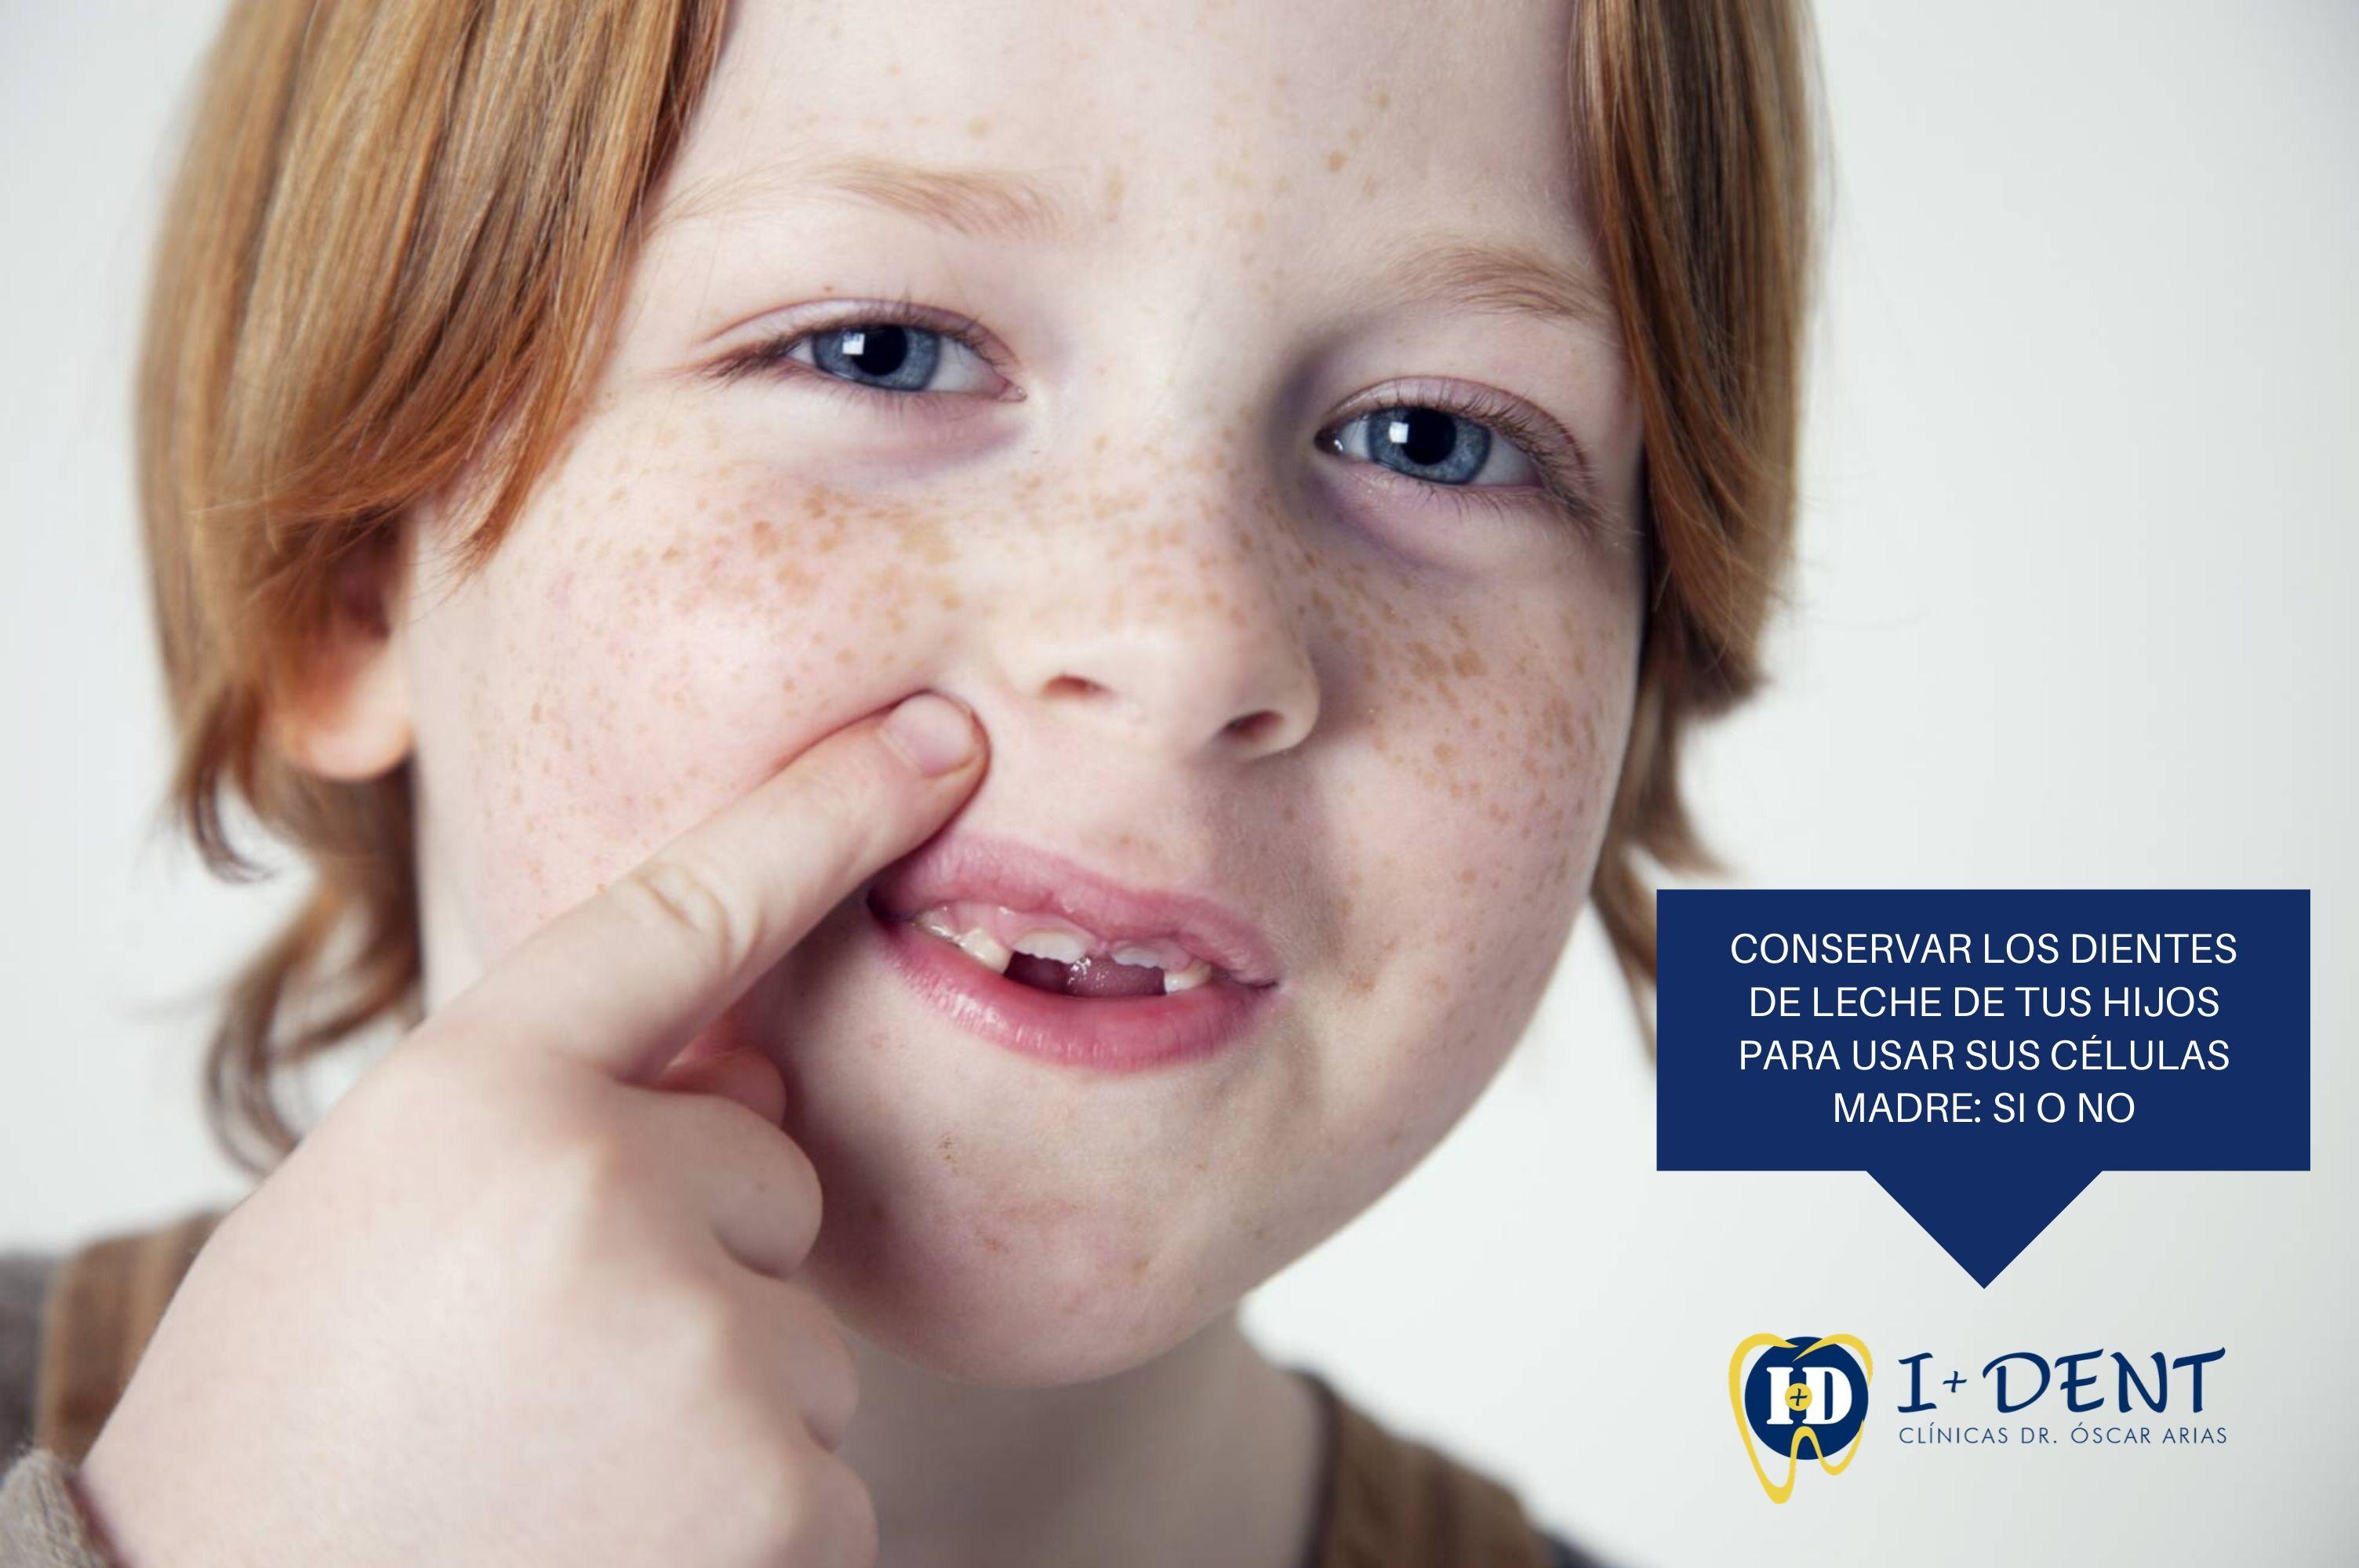 Conservar los dientes de leche de tus hijos para usar sus células madre: sí o no